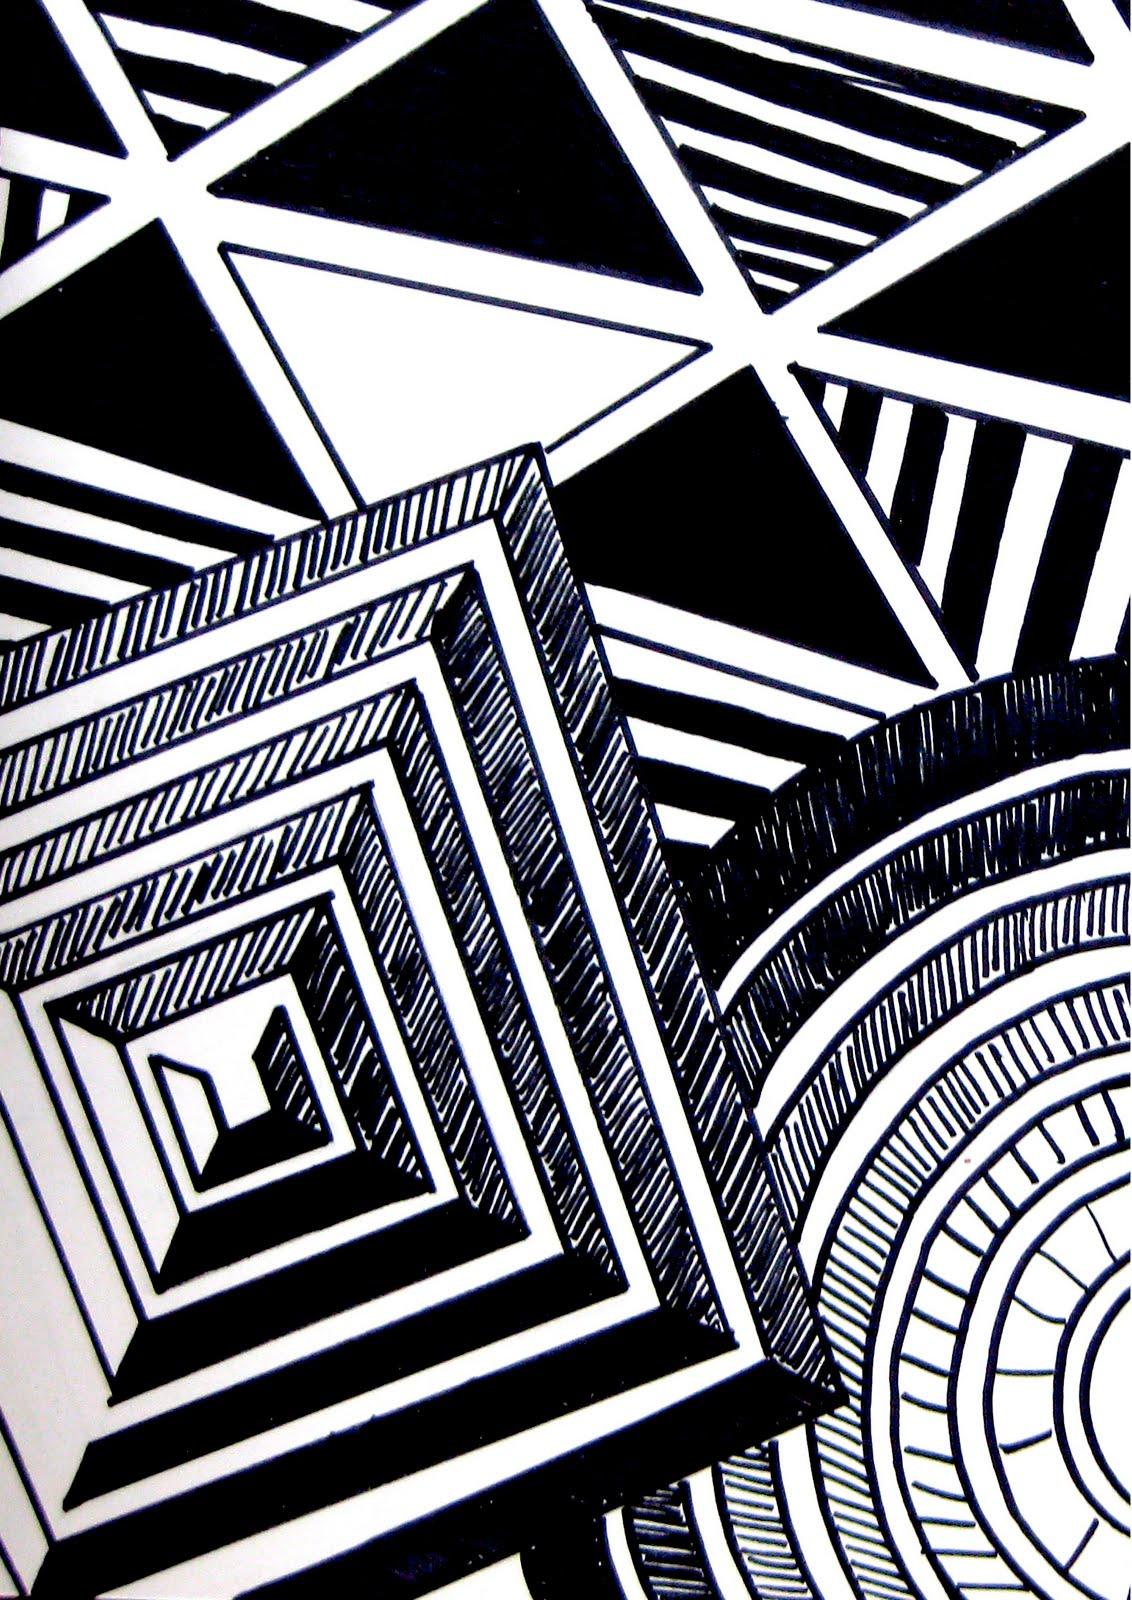 Line Composition Design : Nwsa d art august